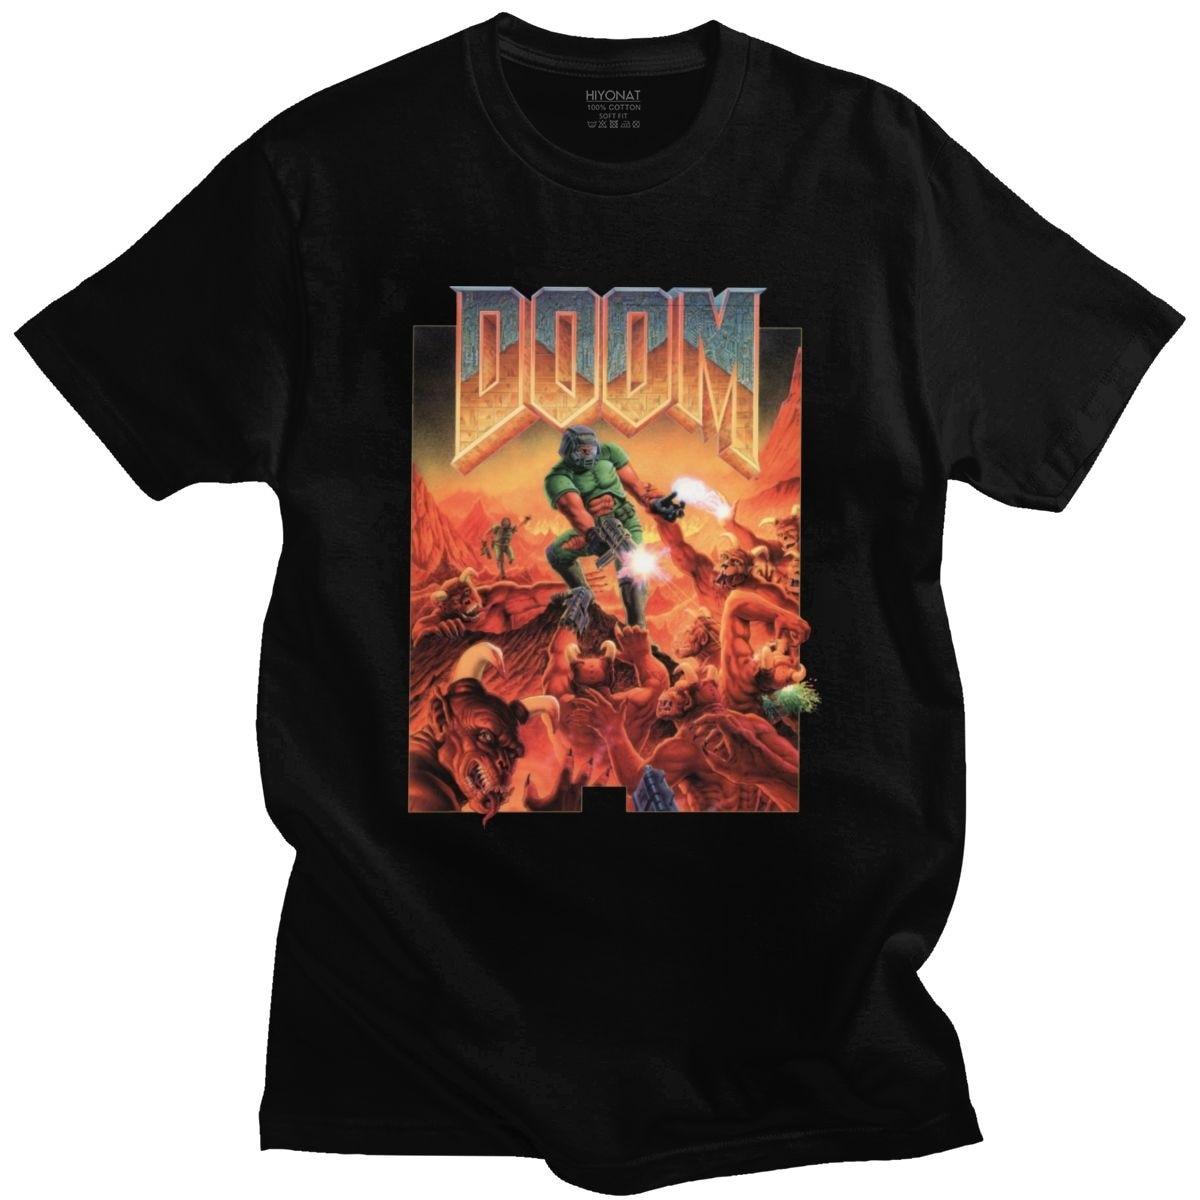 Camiseta Cool Doom de manga corta para hombre, camiseta de videojuego eterno, Camiseta de algodón suave, camiseta de culto de serpiente Bárbara, regalo